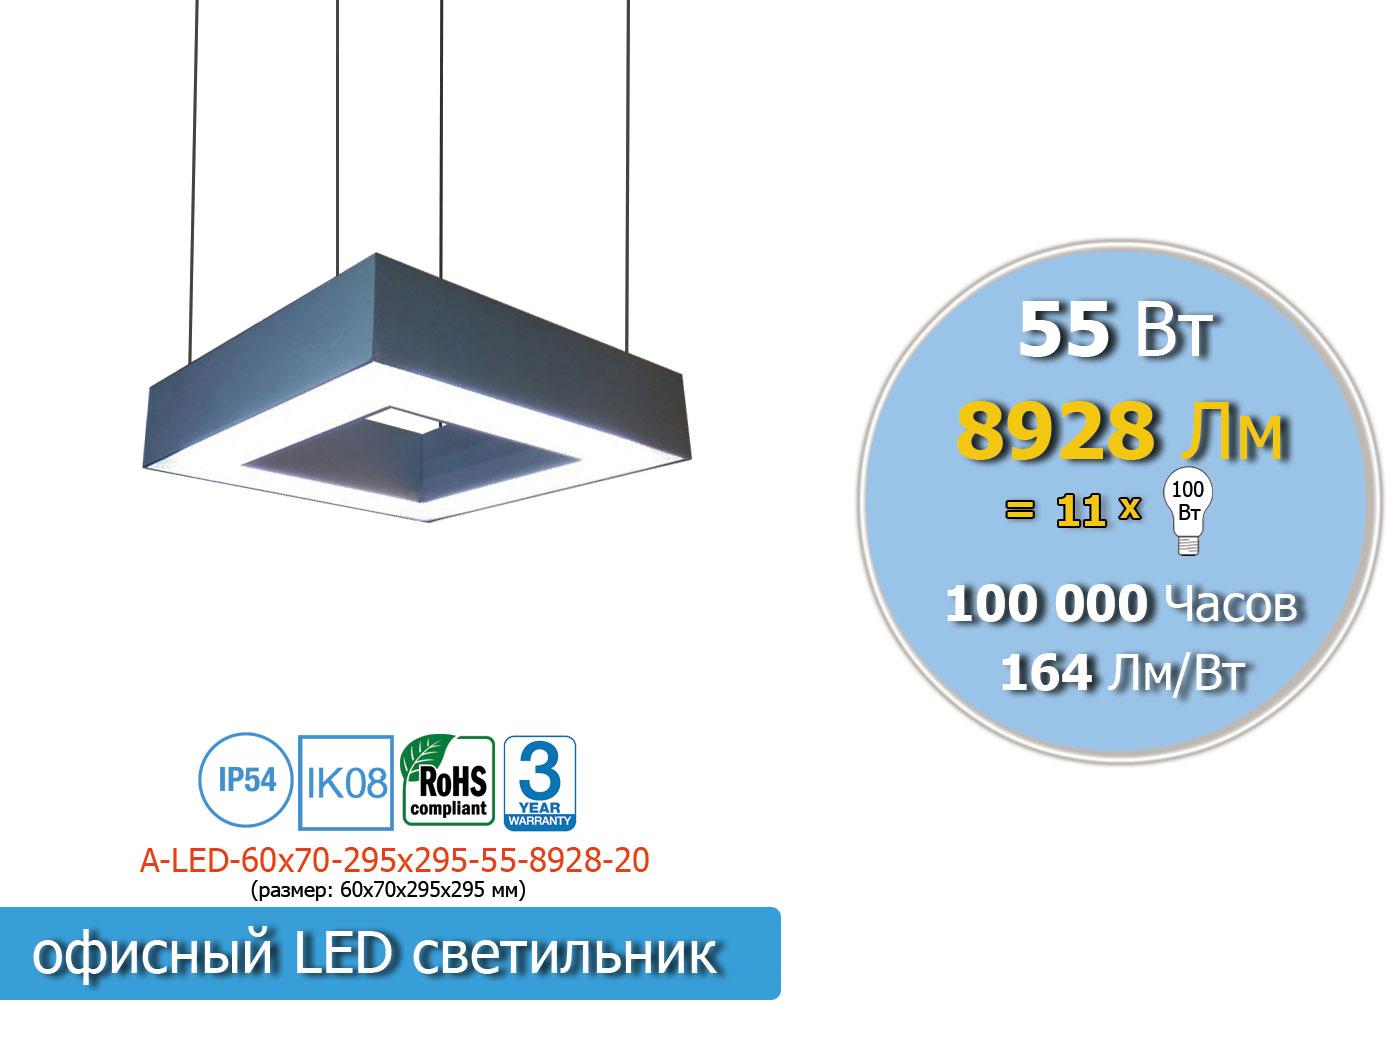 A-LED-60x70-295x295-55-8928-20